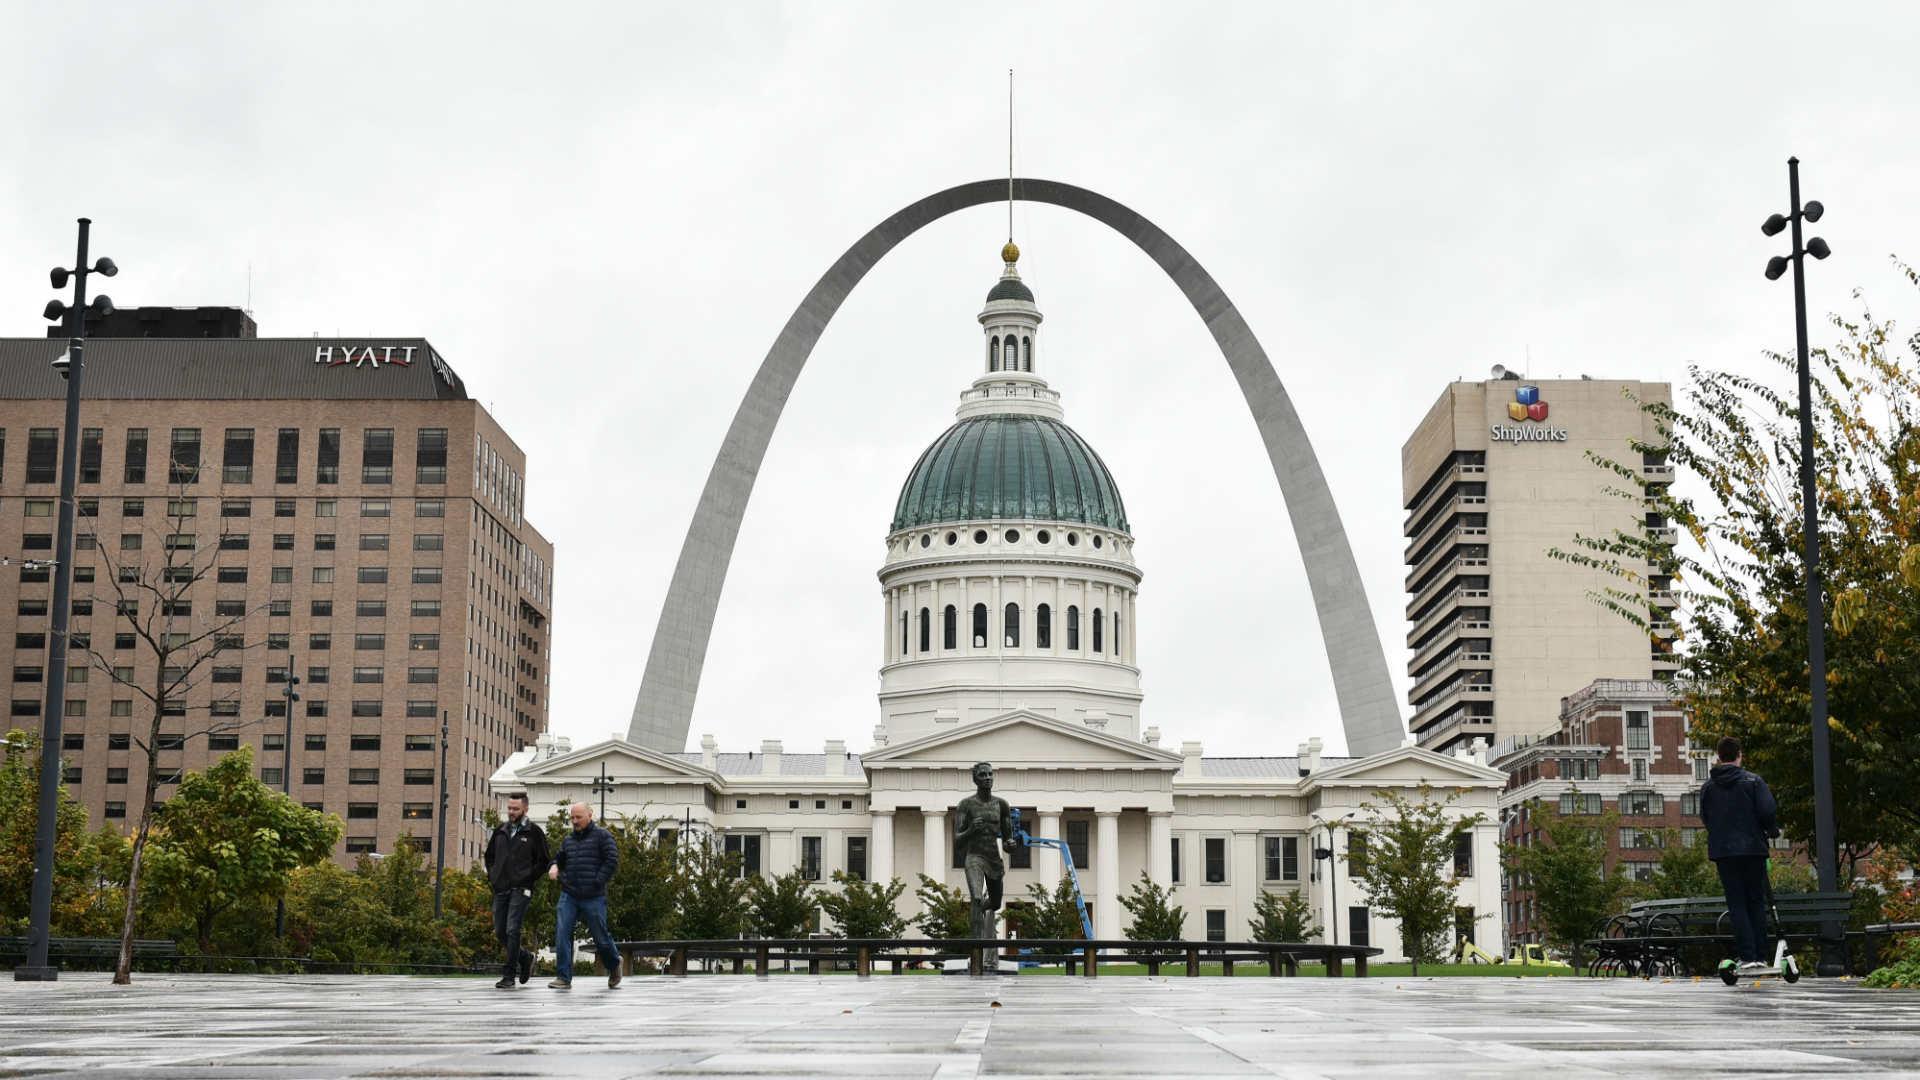 MLS announces St. Louis as 28th franchise